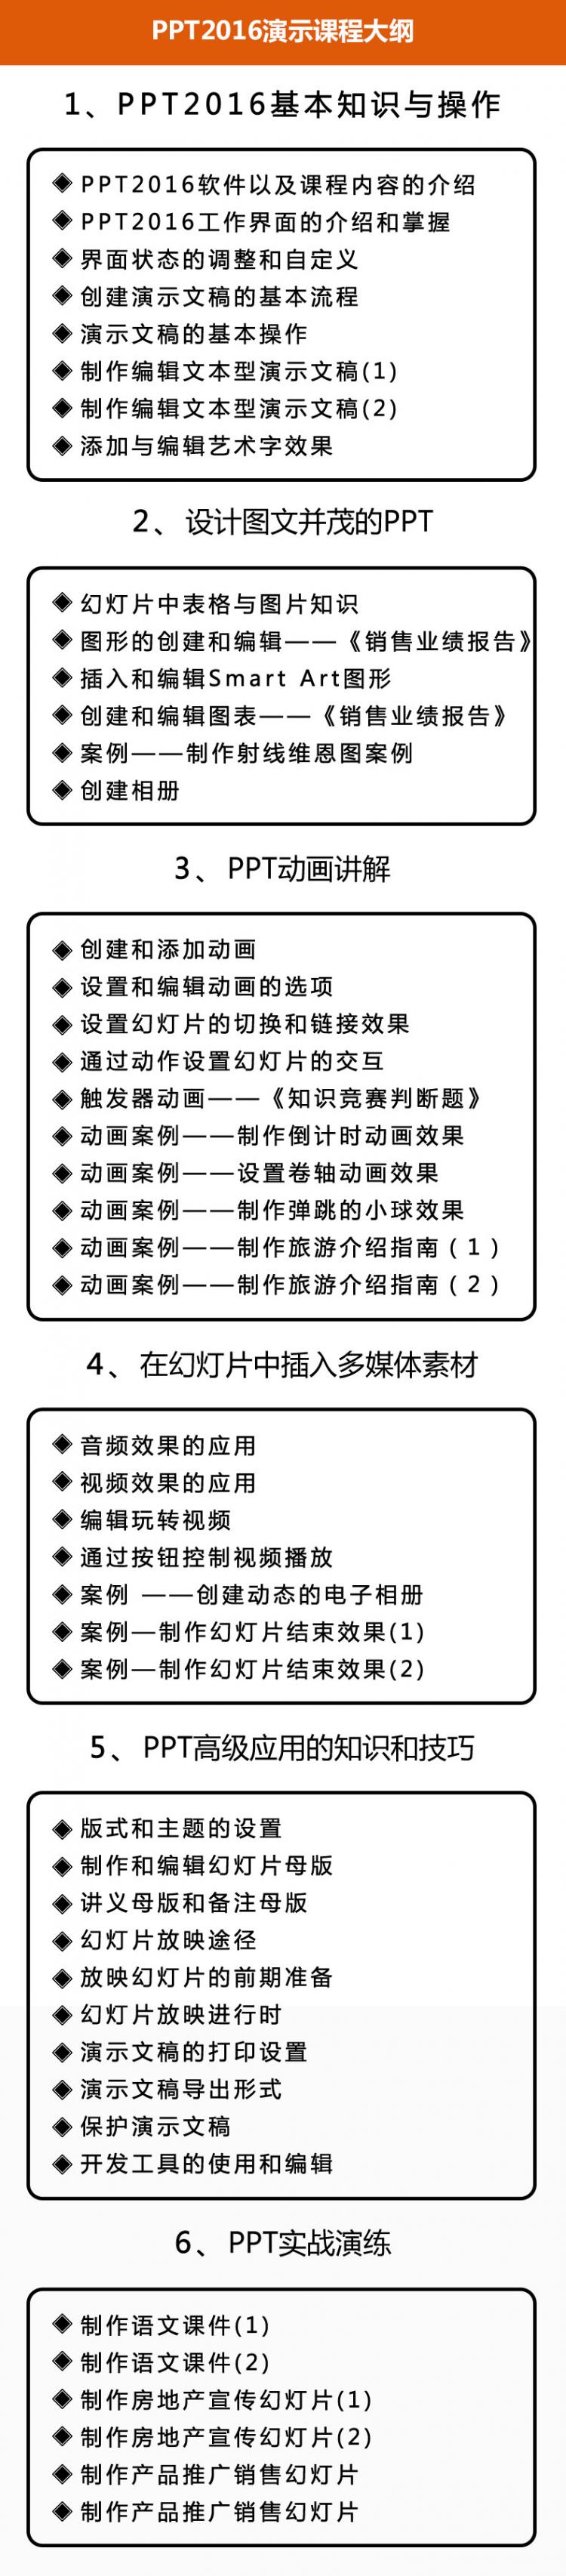 4PPT演示课程大纲.jpg